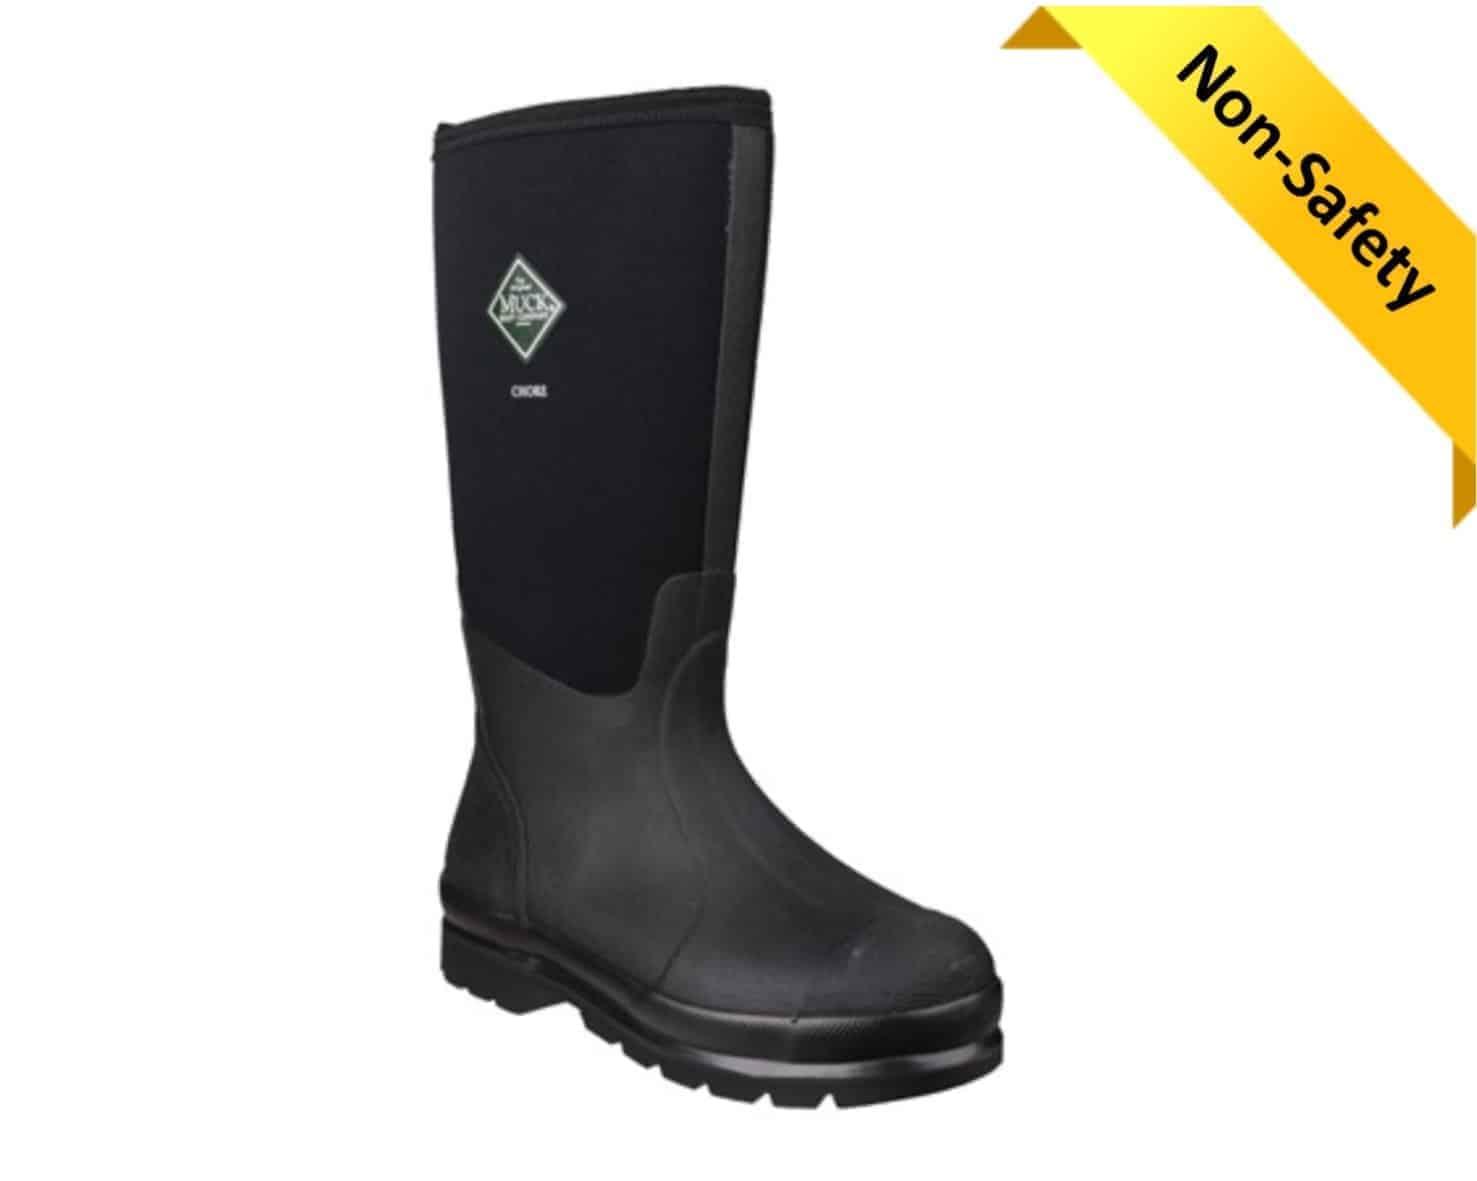 Chore Classic Unisex Muck Boot in Black